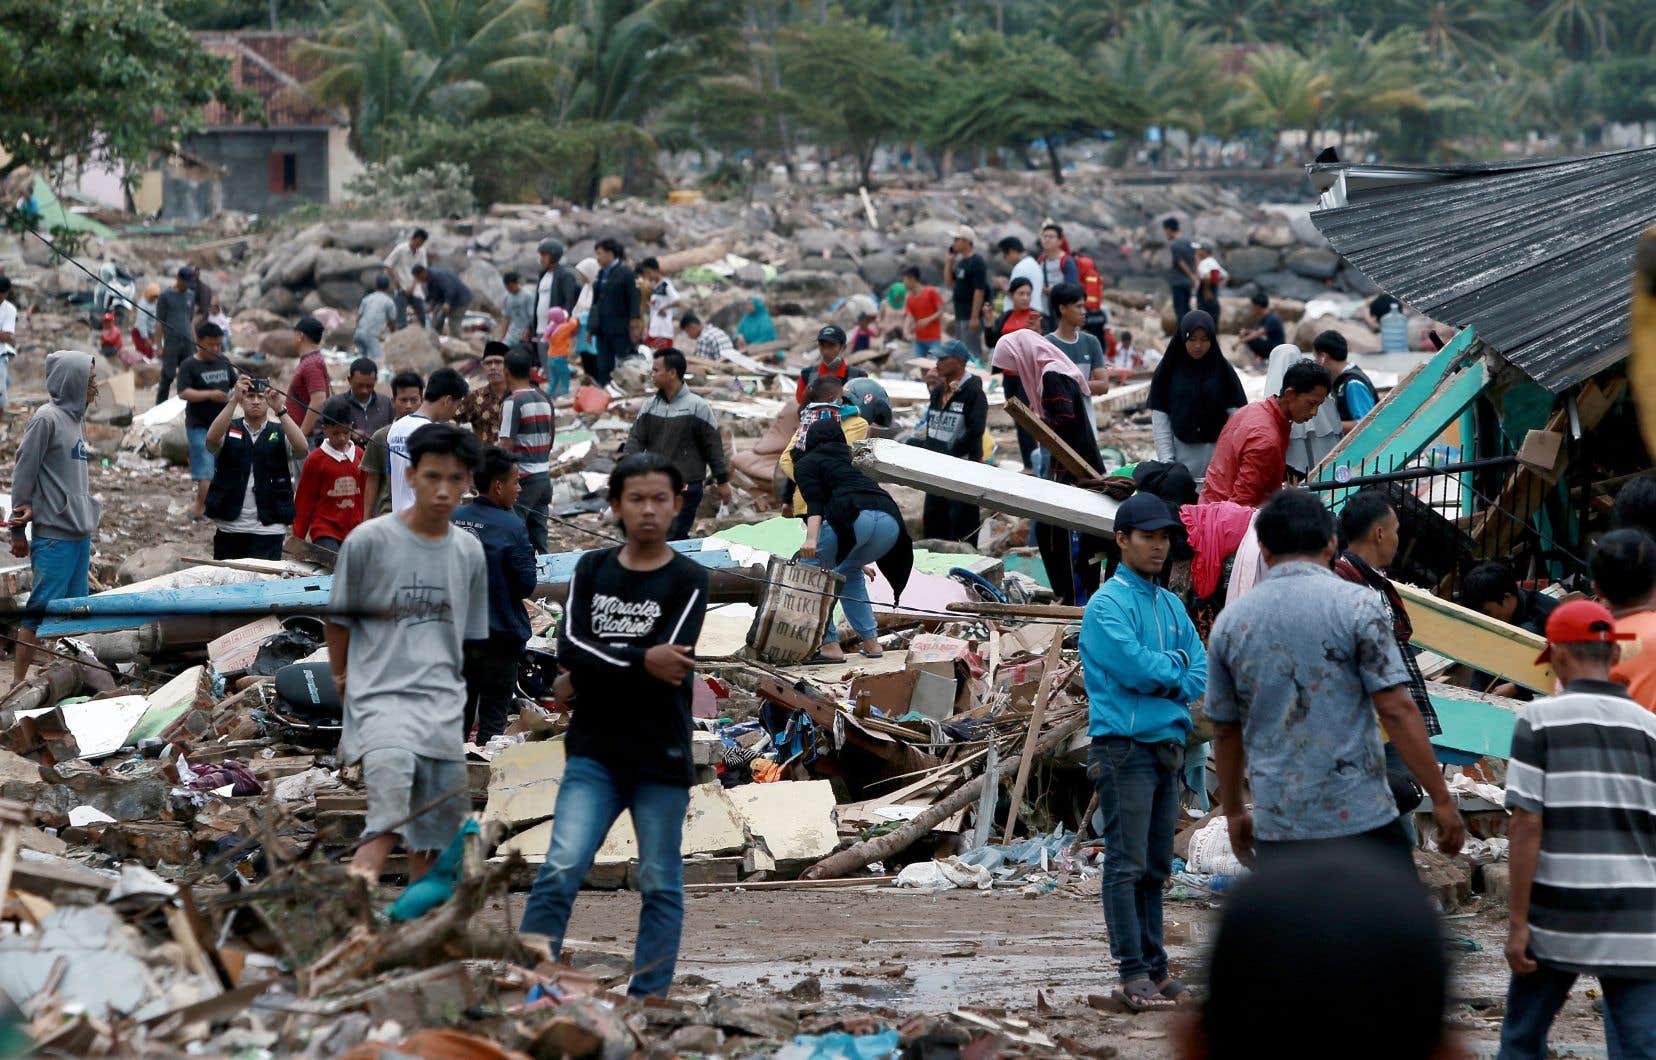 Secouristes et citoyens poursuivaient leurs recherches dimanche pour retrouver des survivants après le passage d'un tsunami qui a balayé les plages du détroit indonésien de la Sonde.